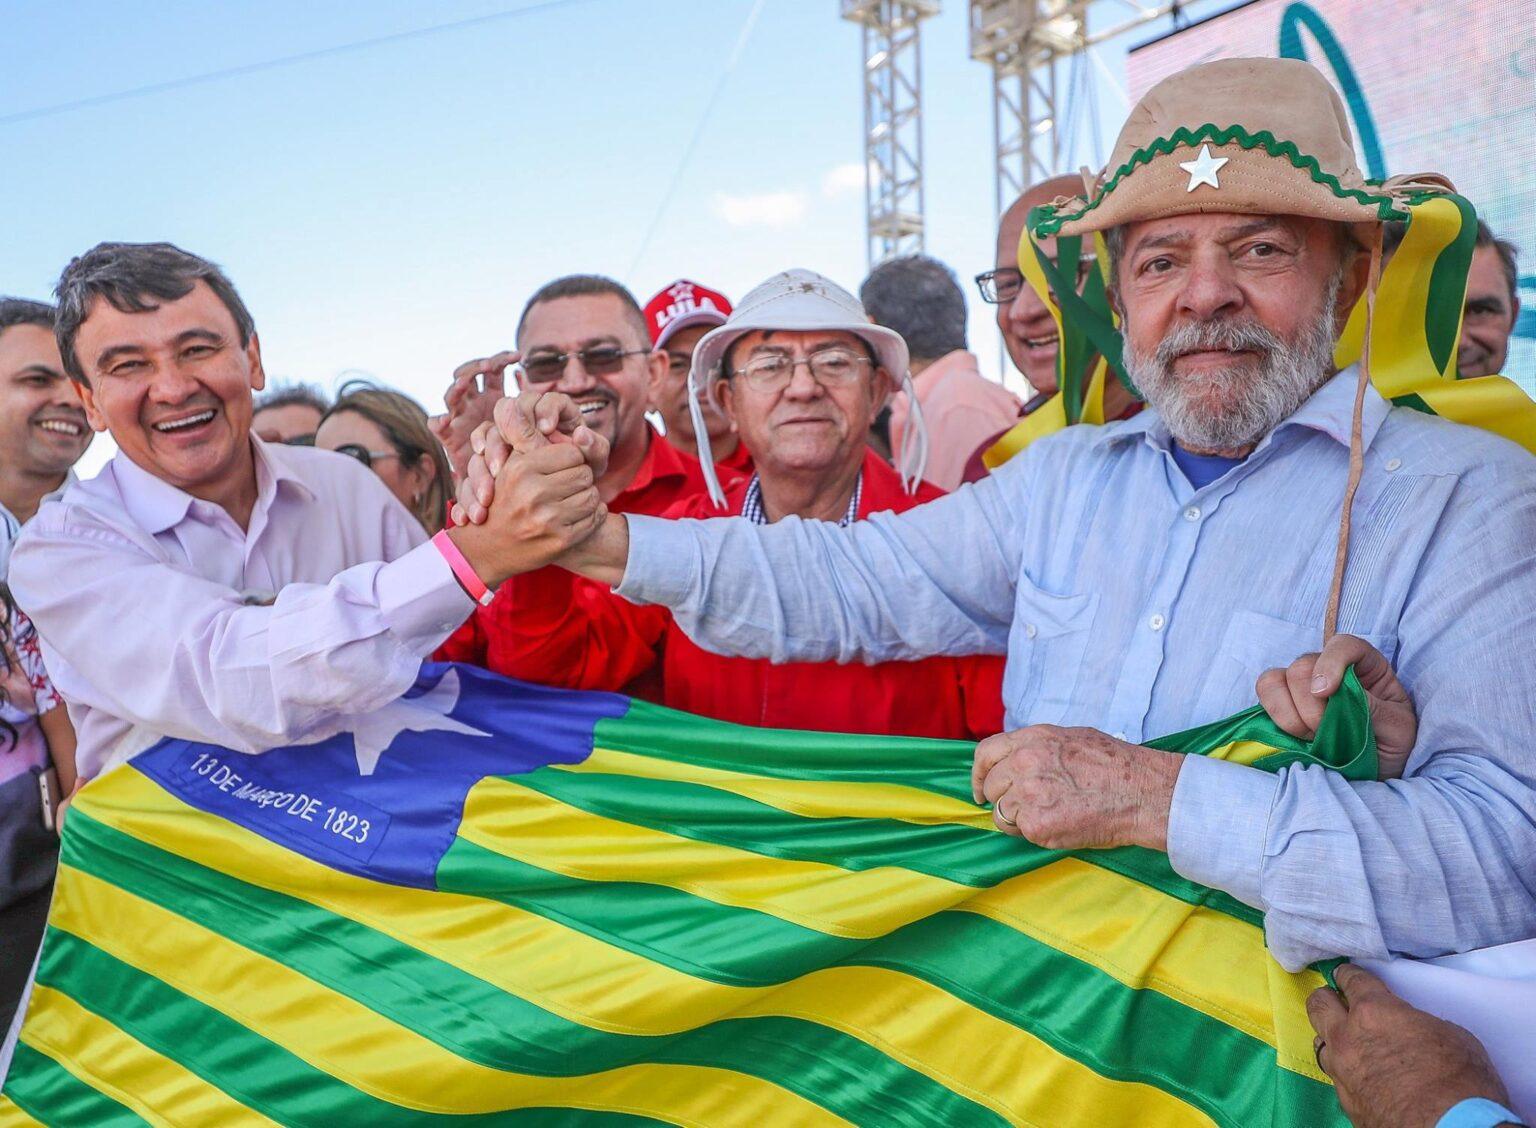 Estratégia política de Lula pode levar Wellington Dias a disputar como deputado federal (Foto: Ricardo Stuckert)